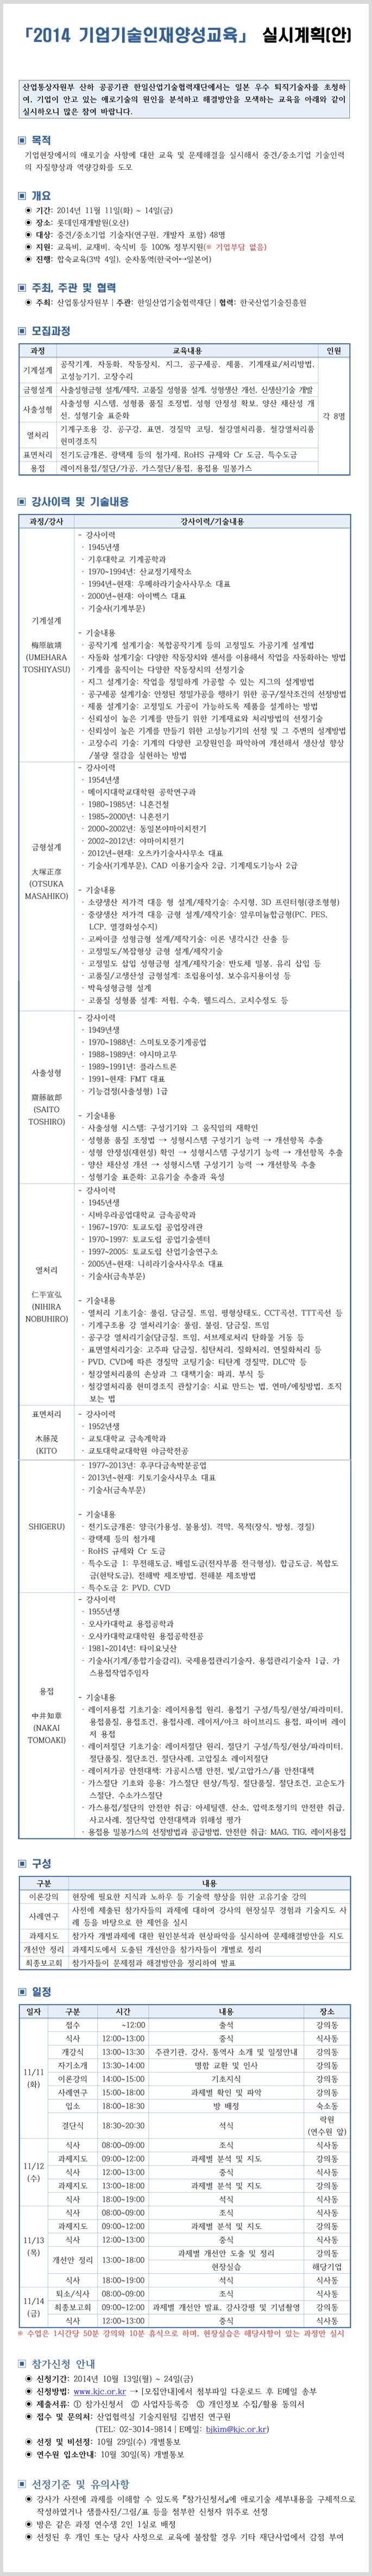 (모집안내)「2014 기업기술인재양성교육」실시계획(안).jpg